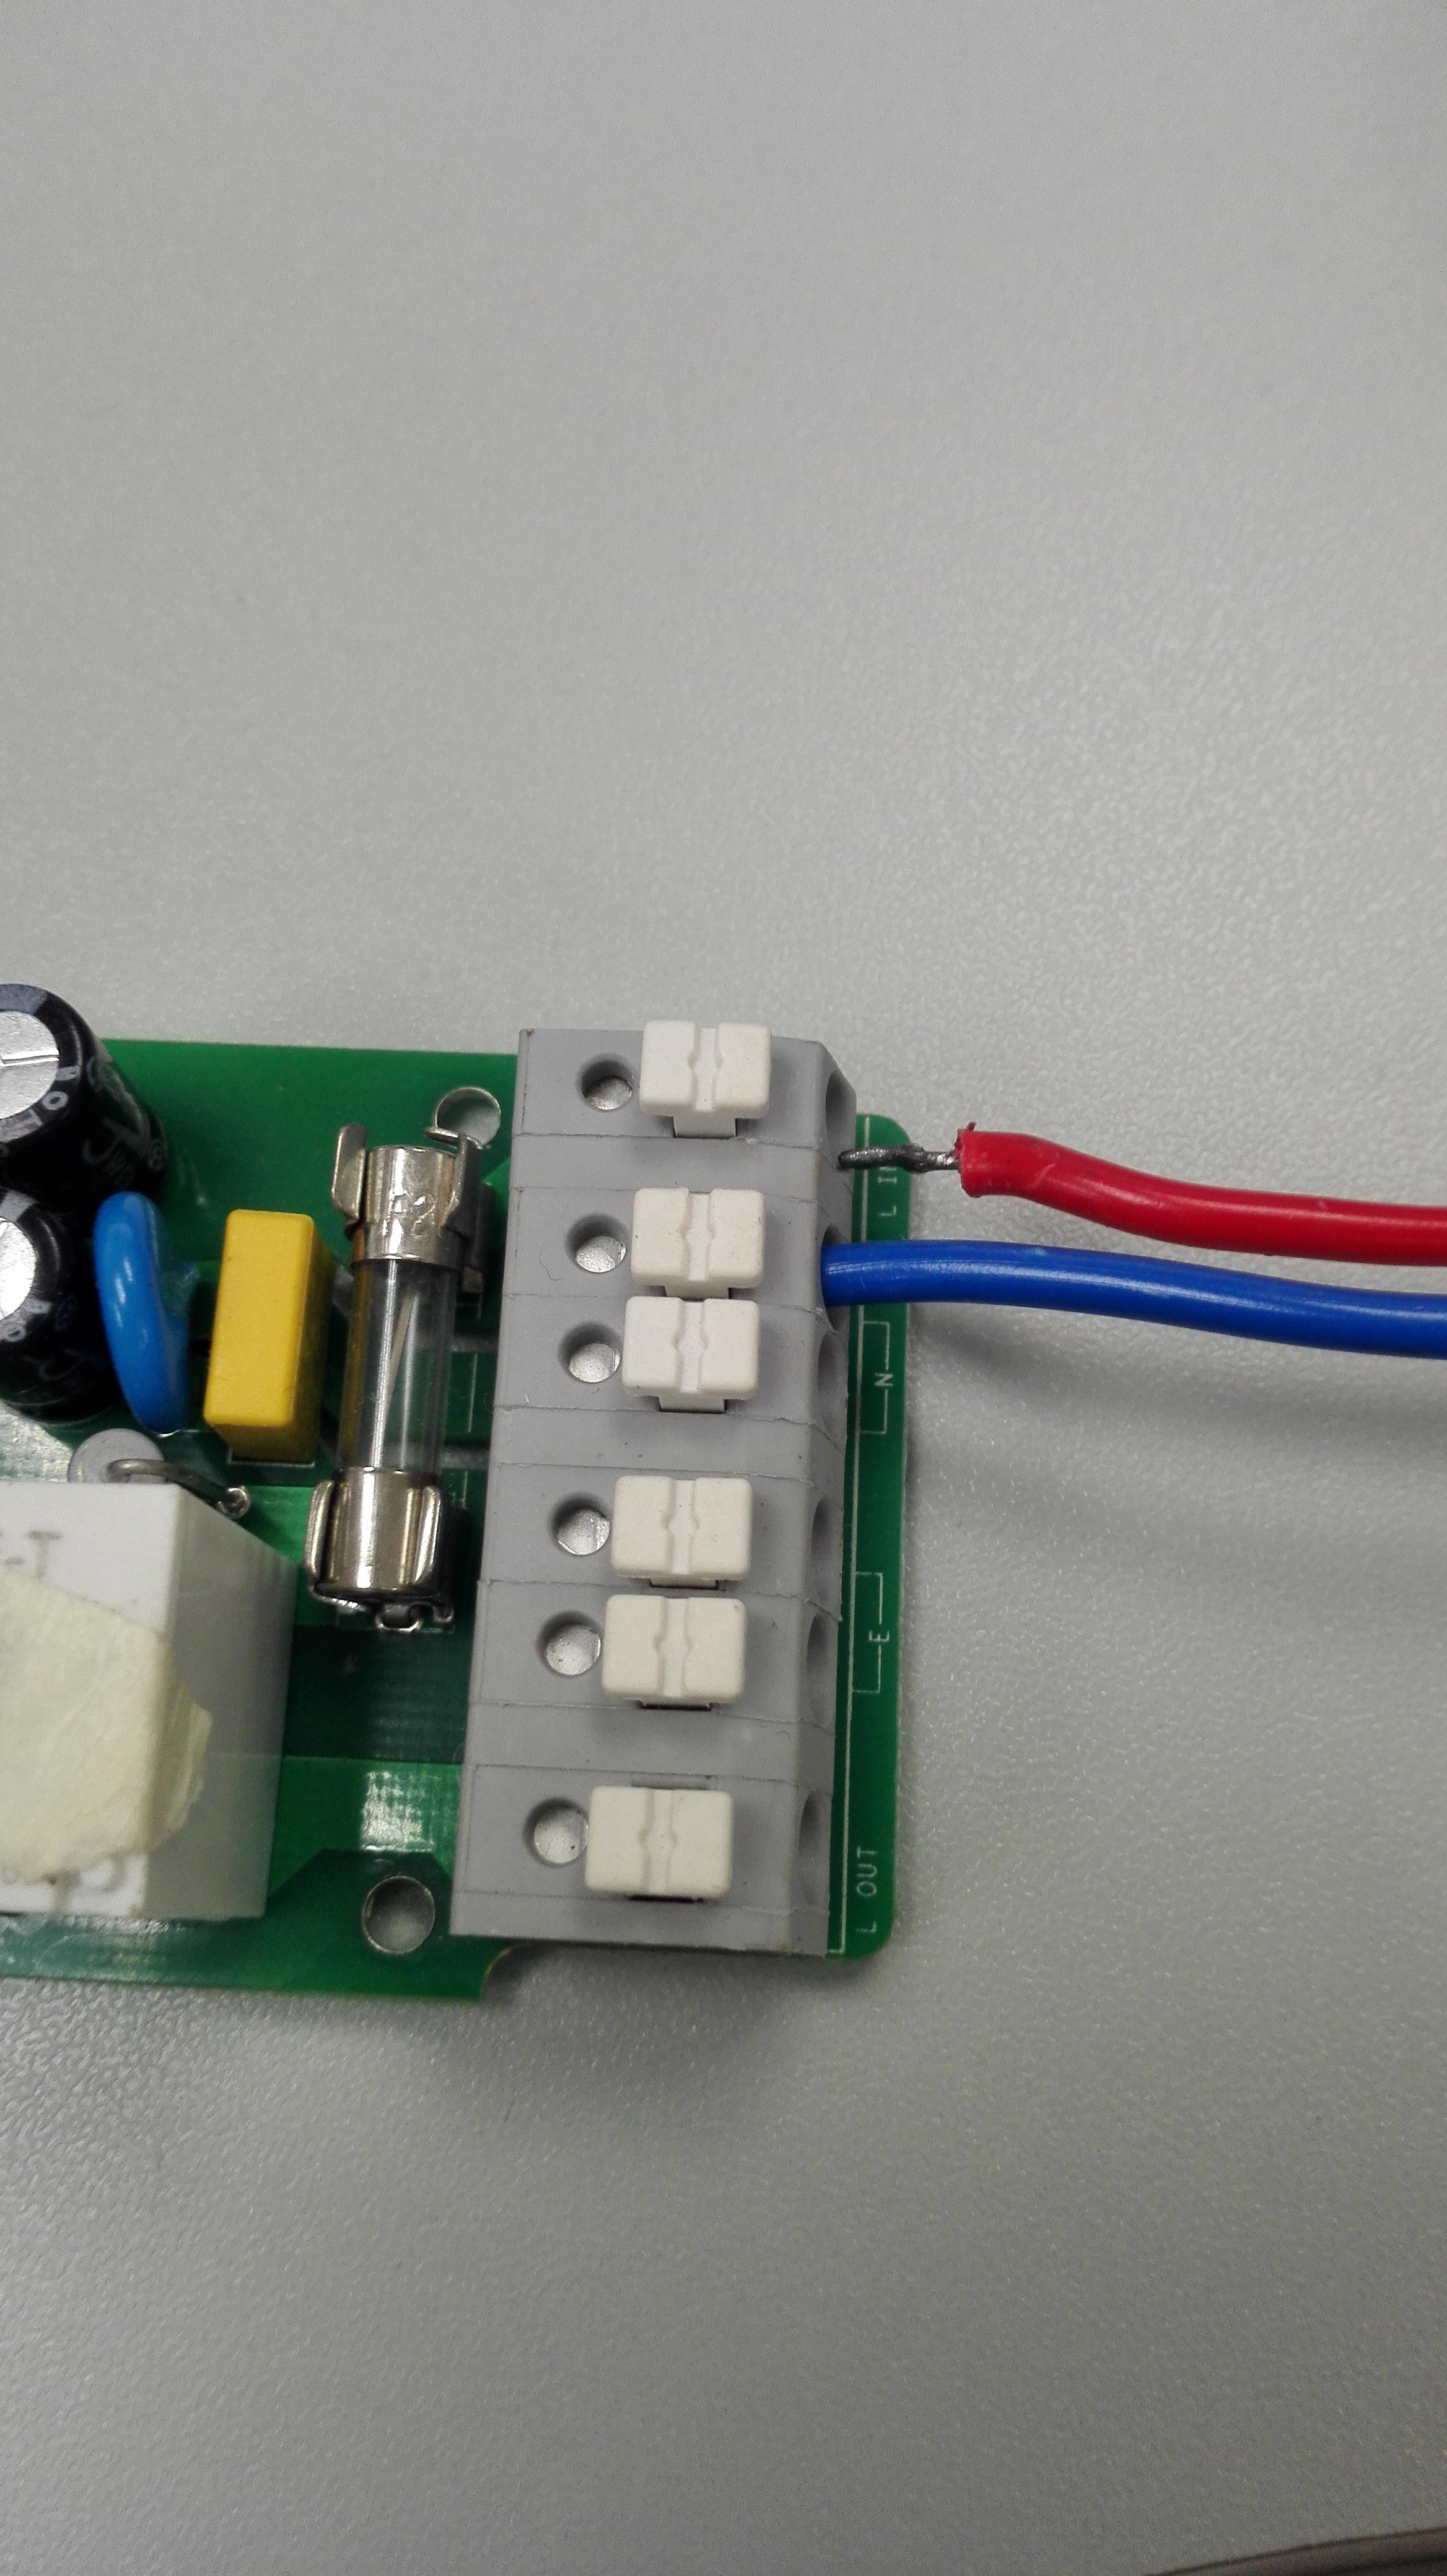 Circuito Wifi : Sonoff basic miglior interruttore wifi italia istruzioni come